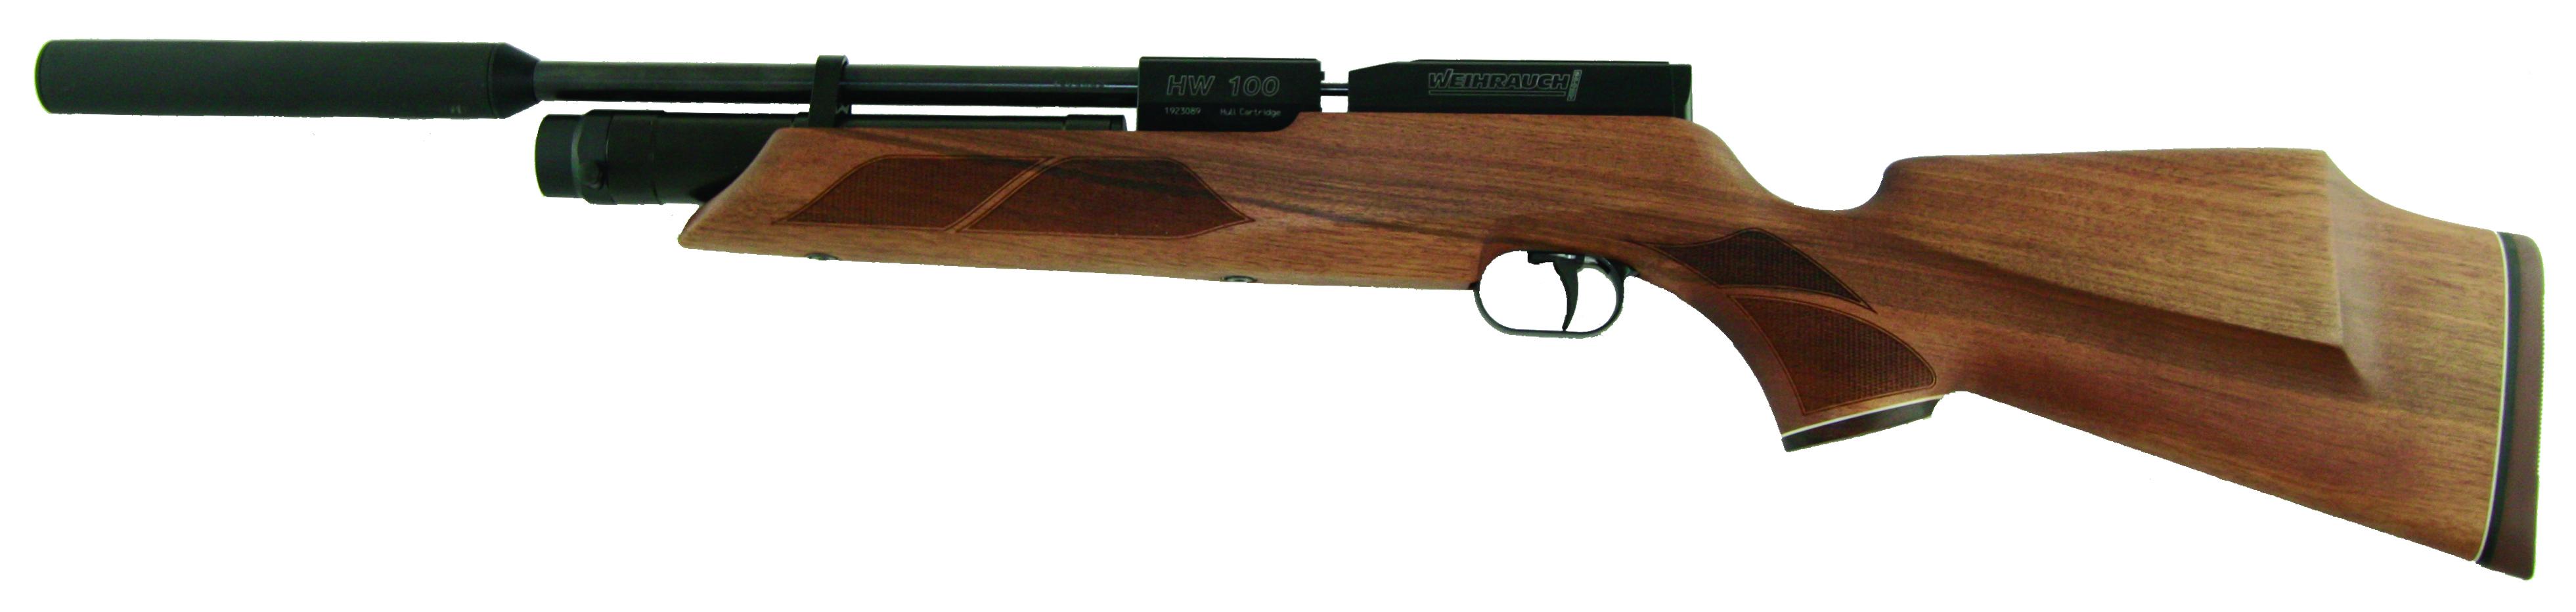 Weihrauch HW100 Sporter Air Rifle - The Hunting Edge ...